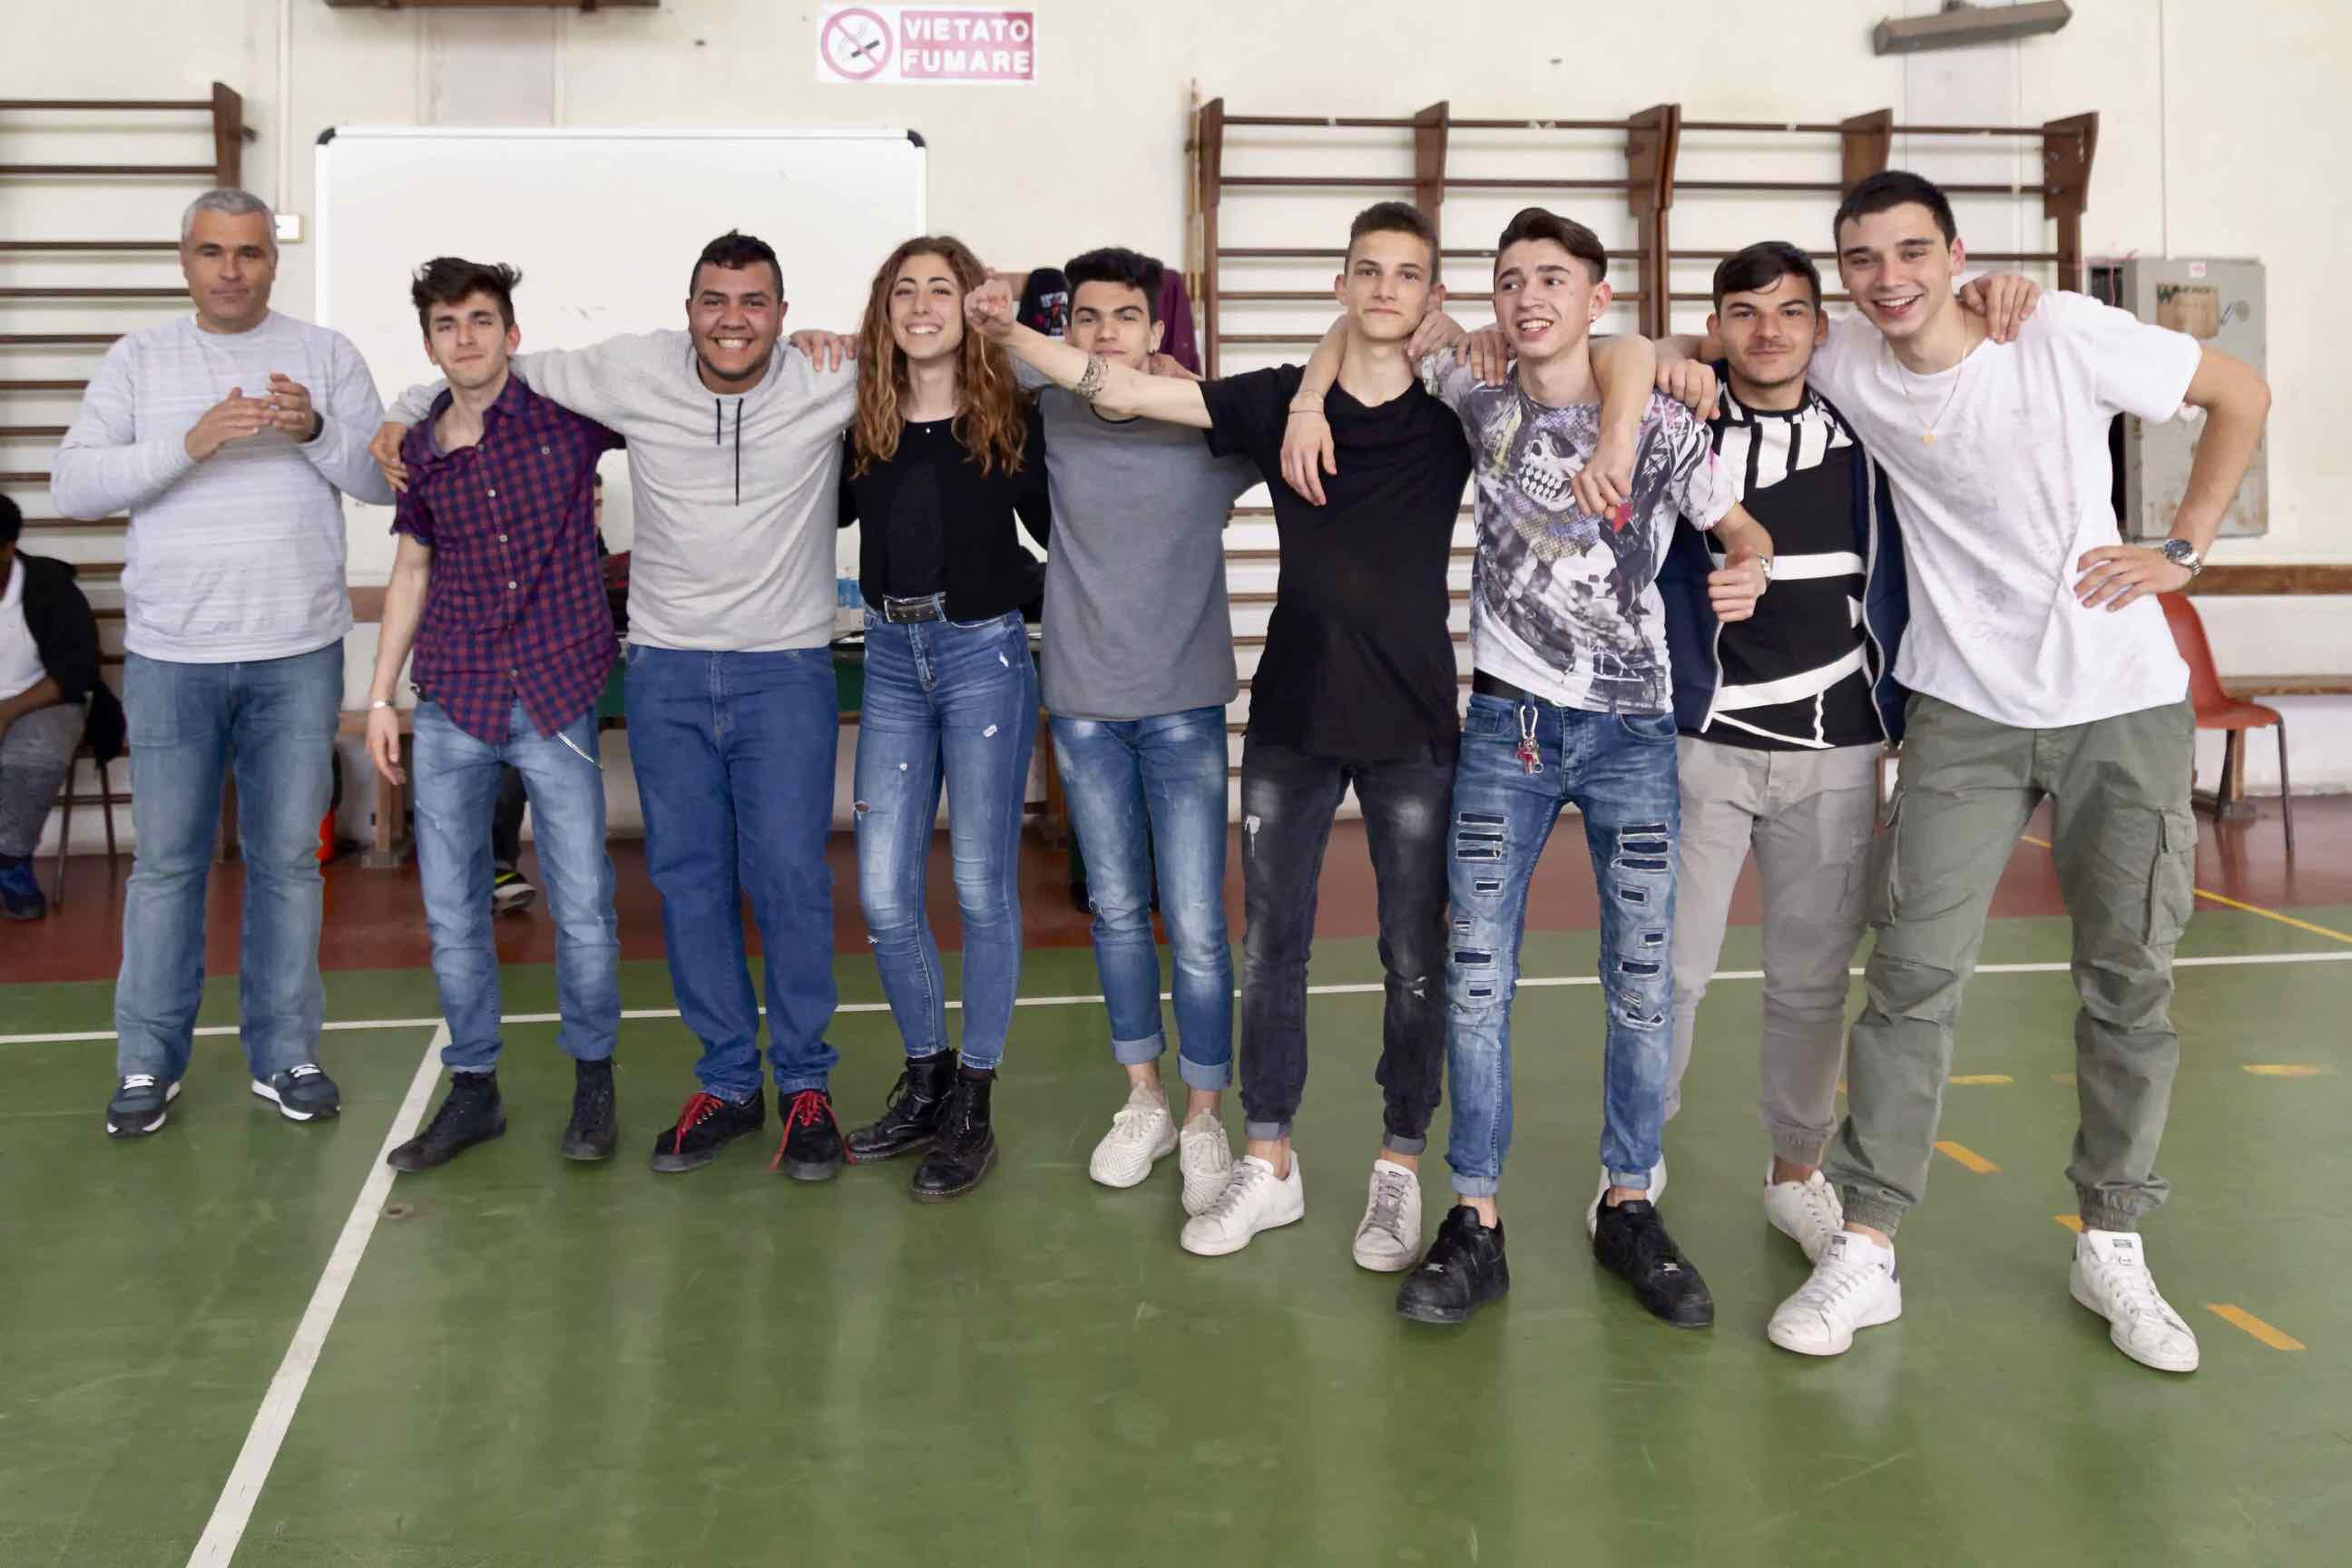 La squadra della 3ª Corso Operatore Elettrico vince il Torneo Dodgeball al Centro San Salvatore in favore del  progetto Lucma